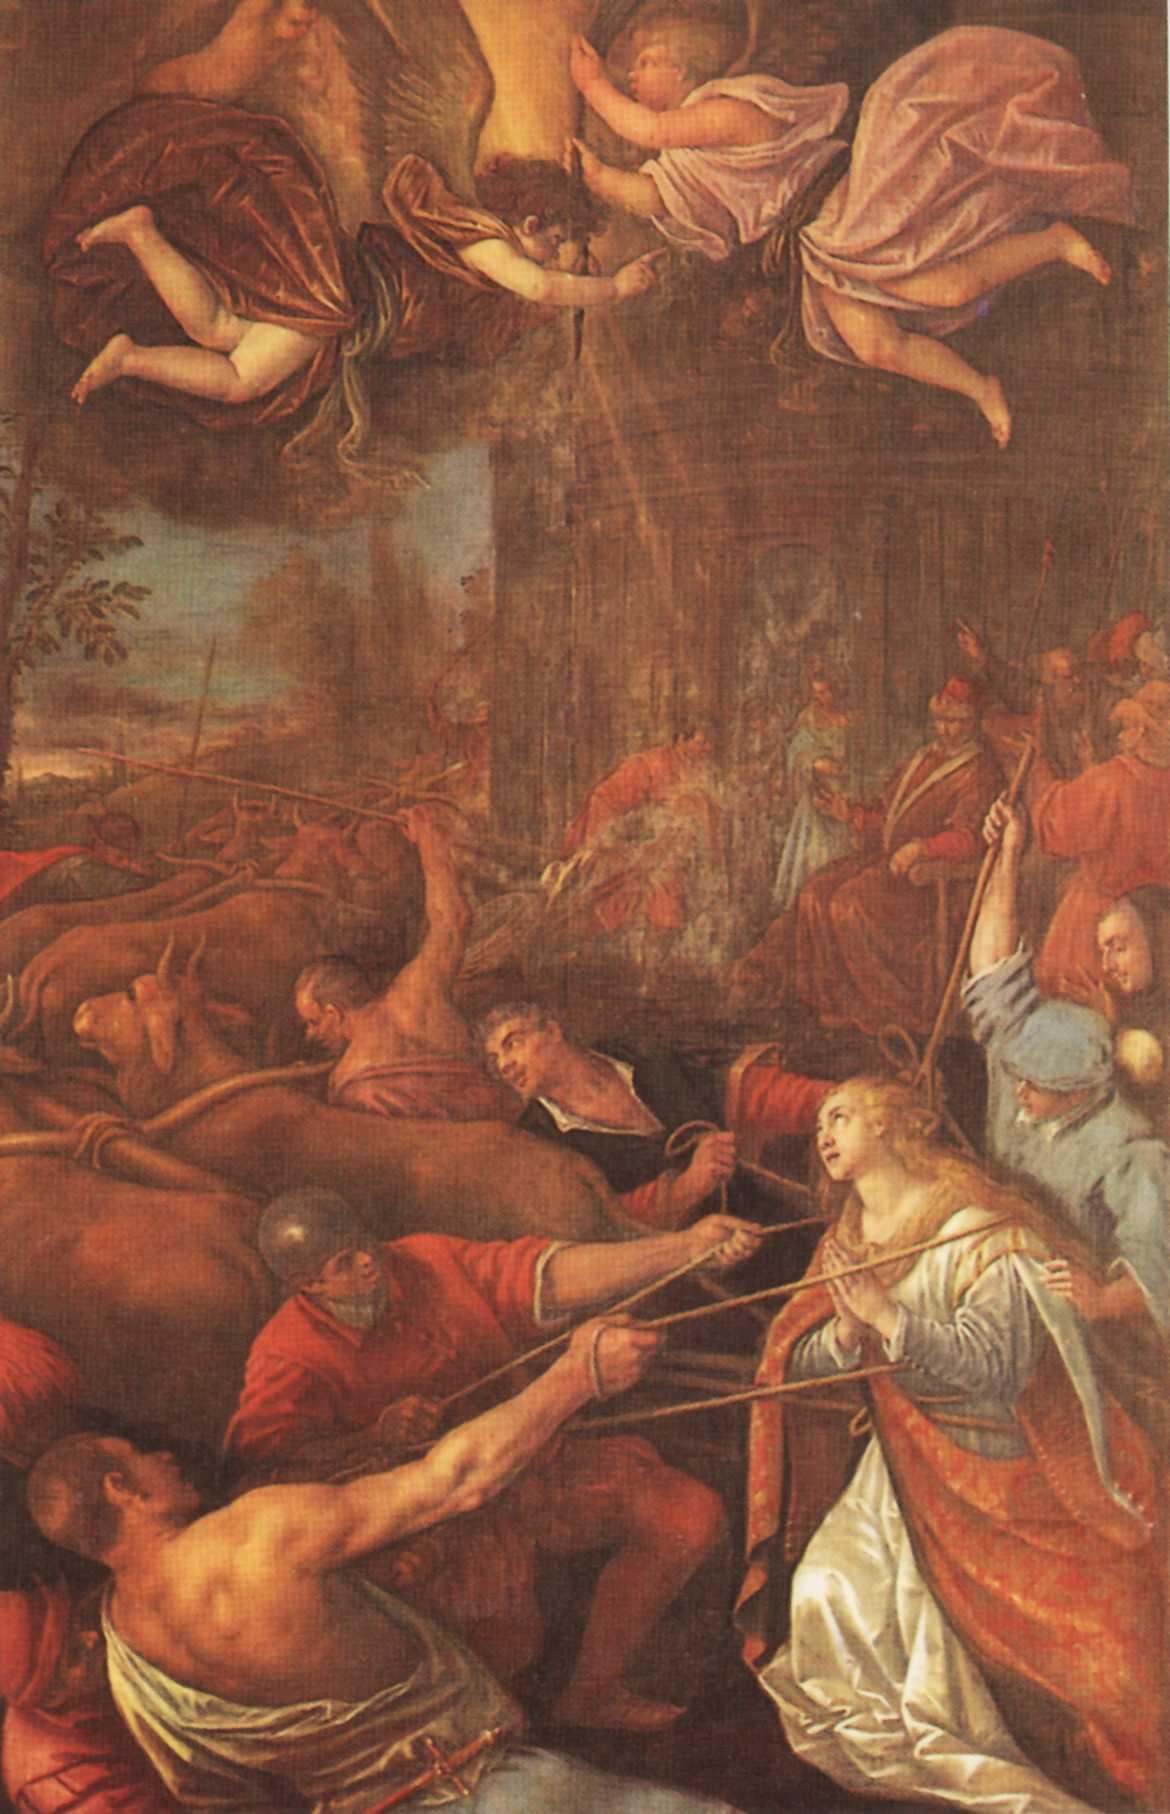 S. Lucia trascinata invano al martirio per prodigio divino